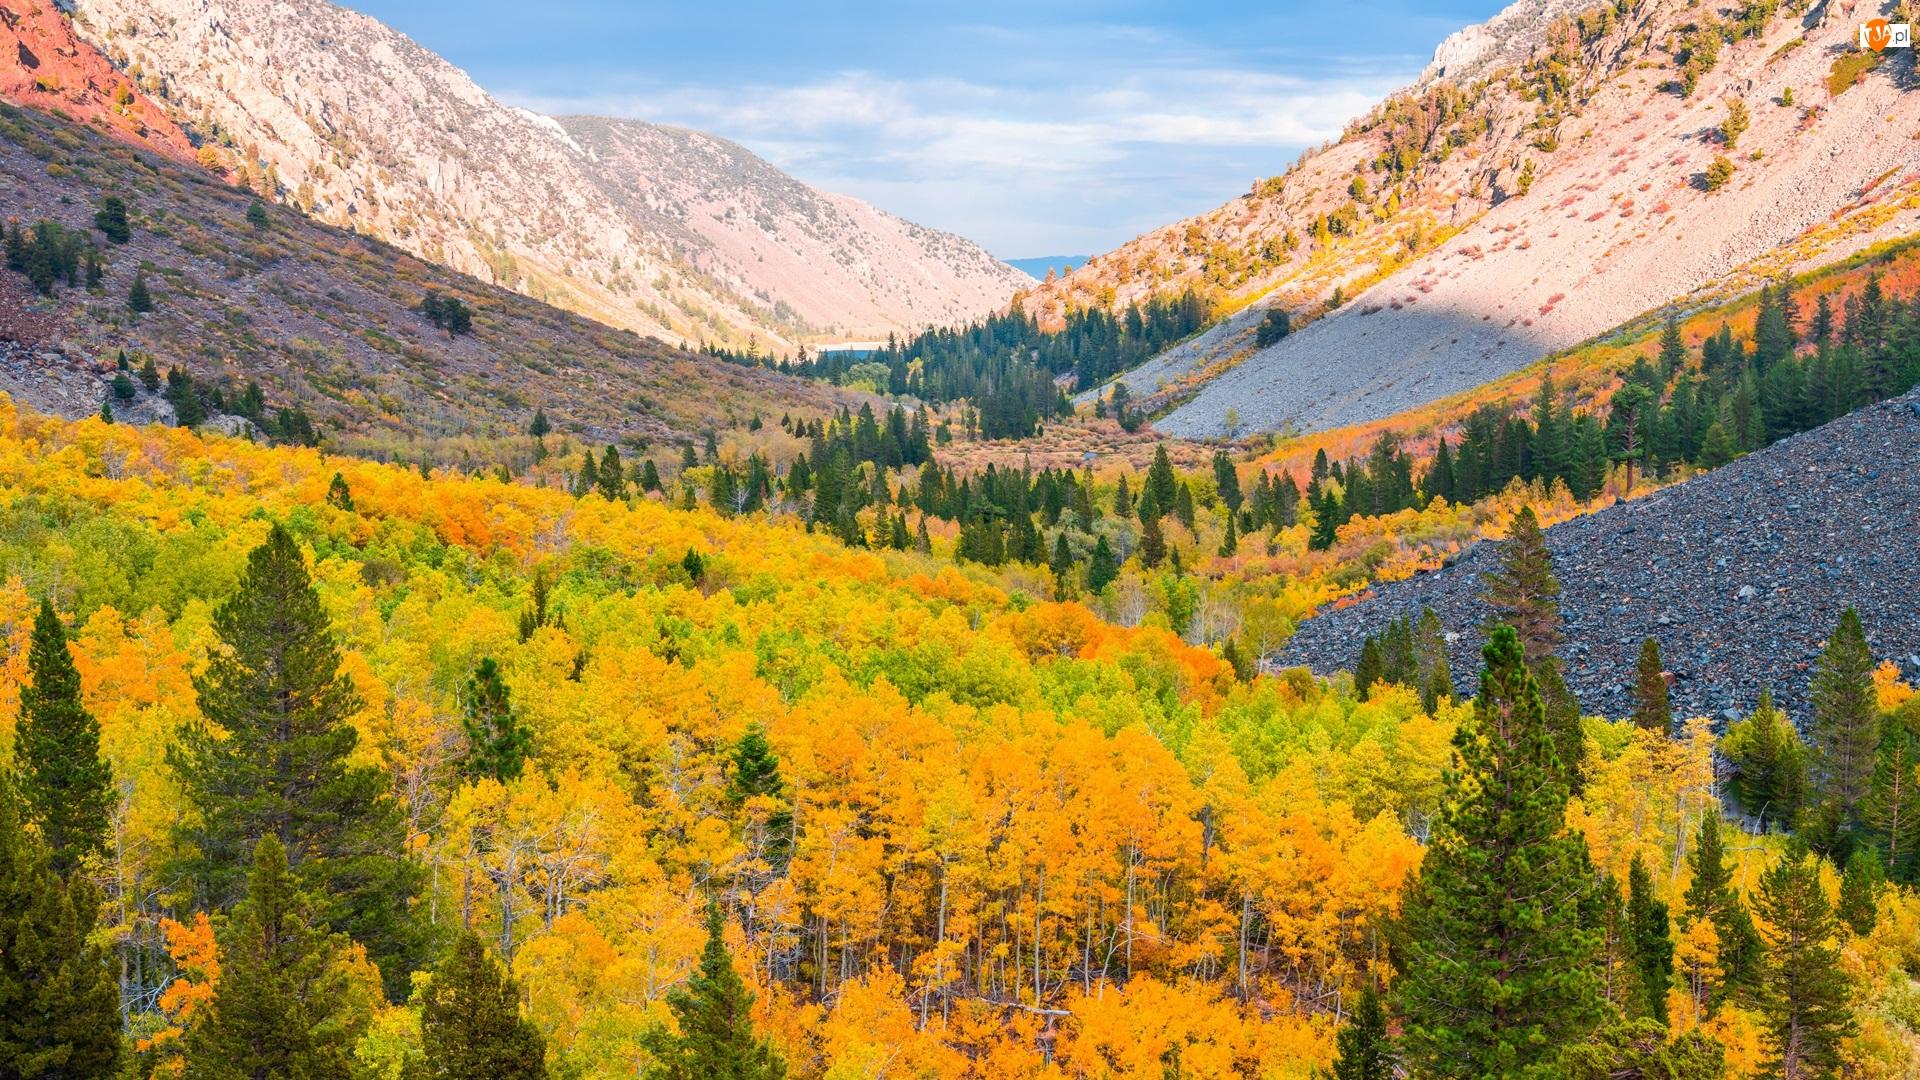 Lundy Canyon, Góry, Jesień, Kalifornia, Drzewa, Wąwóz, Stany Zjednoczone, Lasy